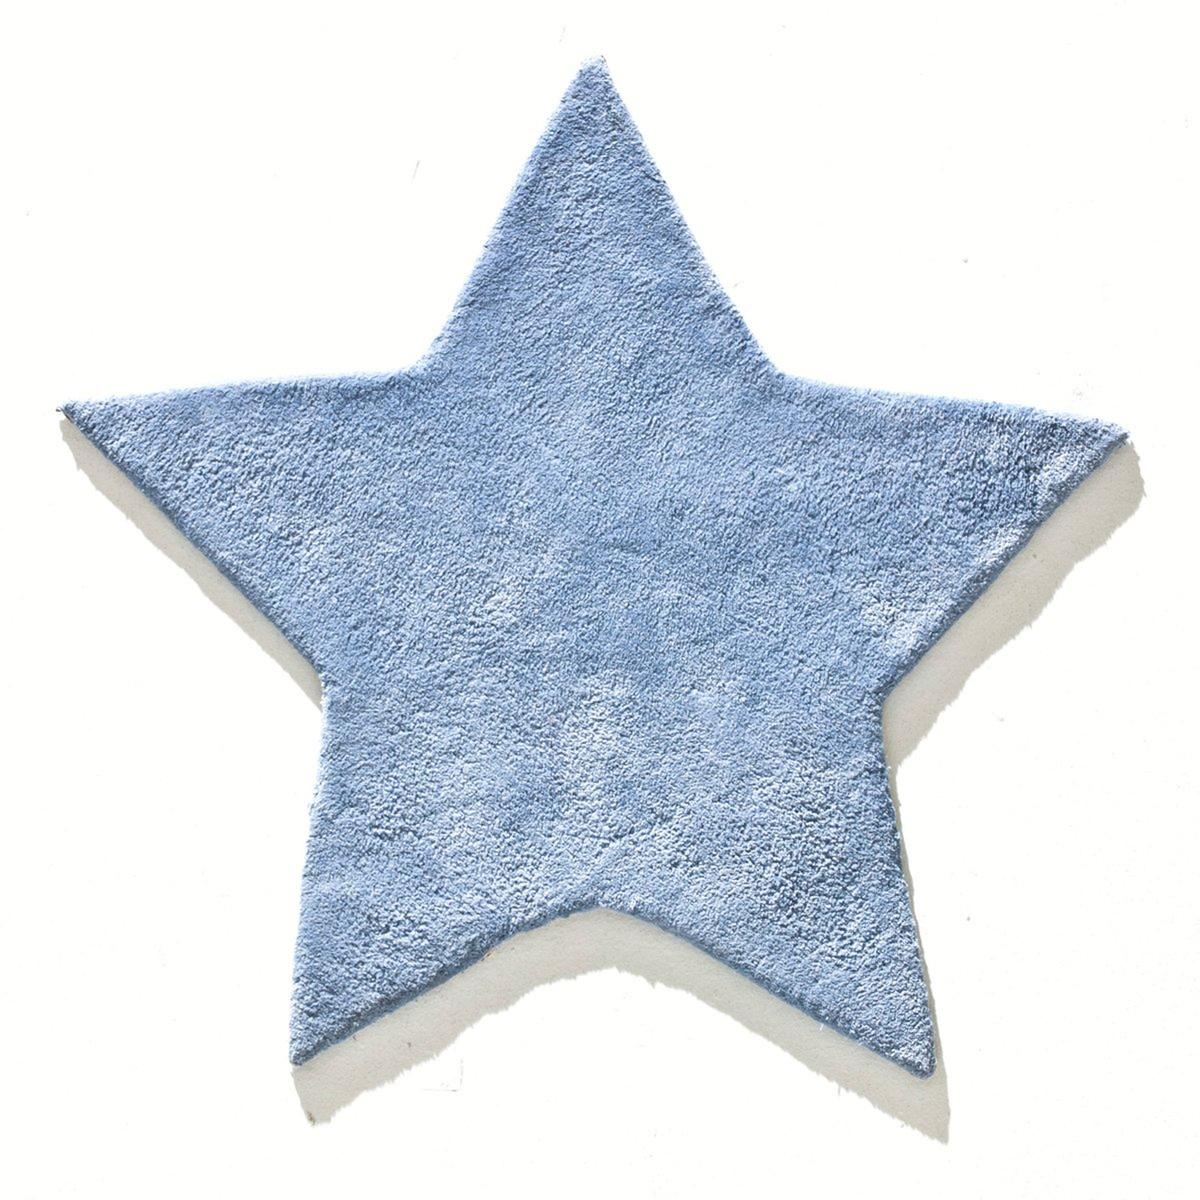 Ковер для детской звезда из хлопковой ткани, Zilius, 100% хлопка